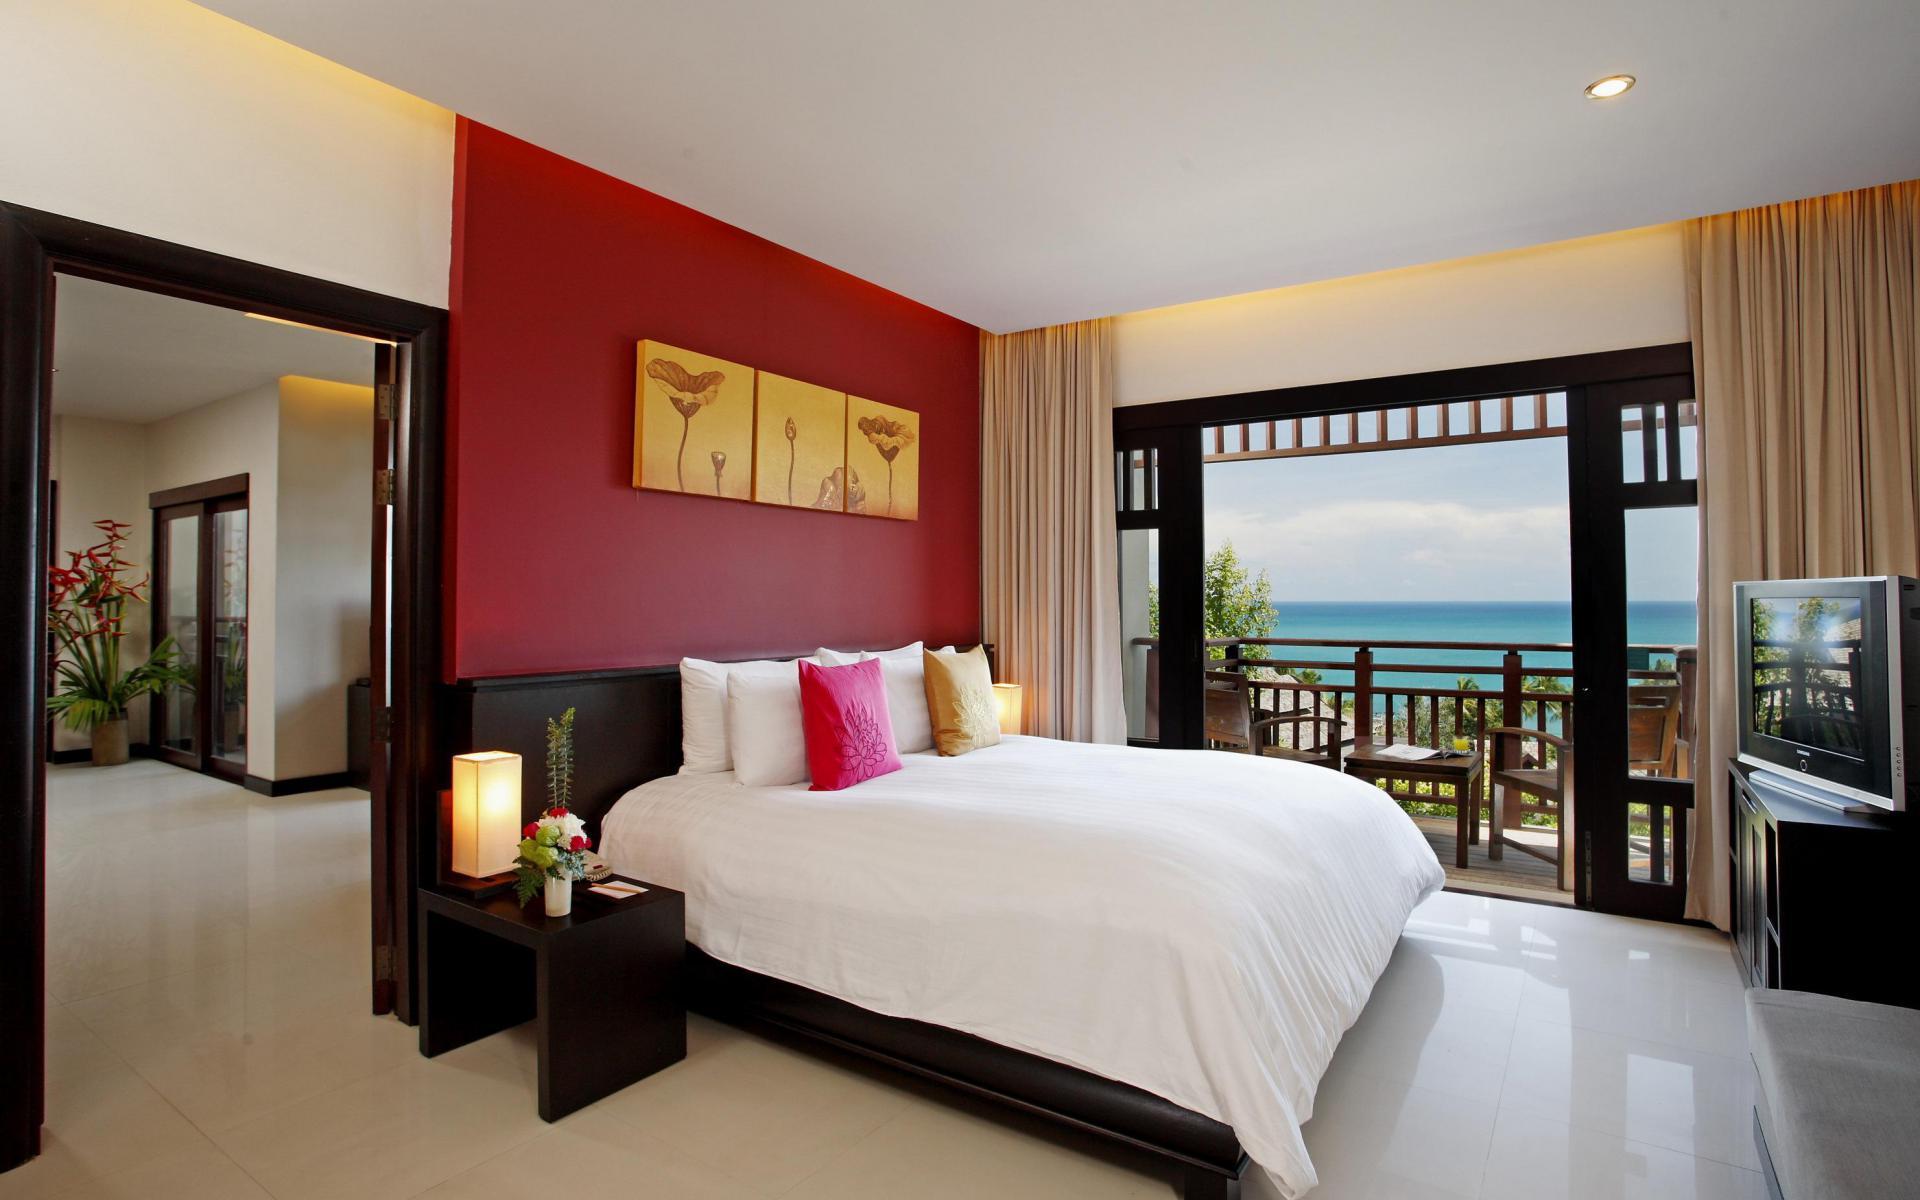 Красная стена позади кровати в спальне